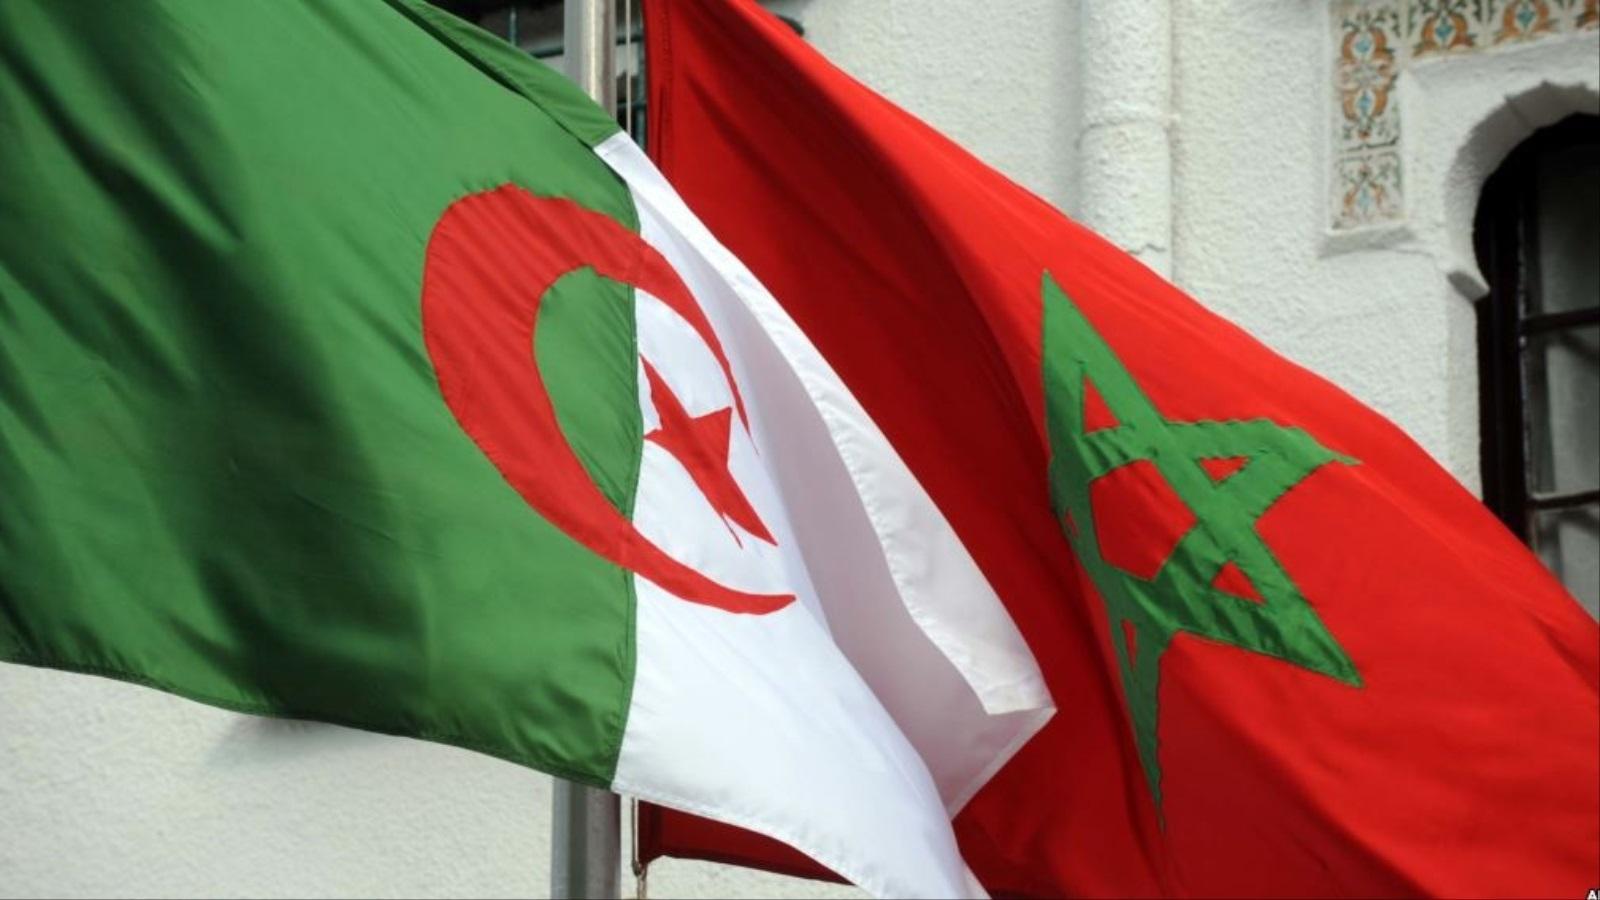 الجزائر تتهم المغرب وإسرائيل بدعم منظمة إرهابية للقيام بعمل مسلح داخل البلاد